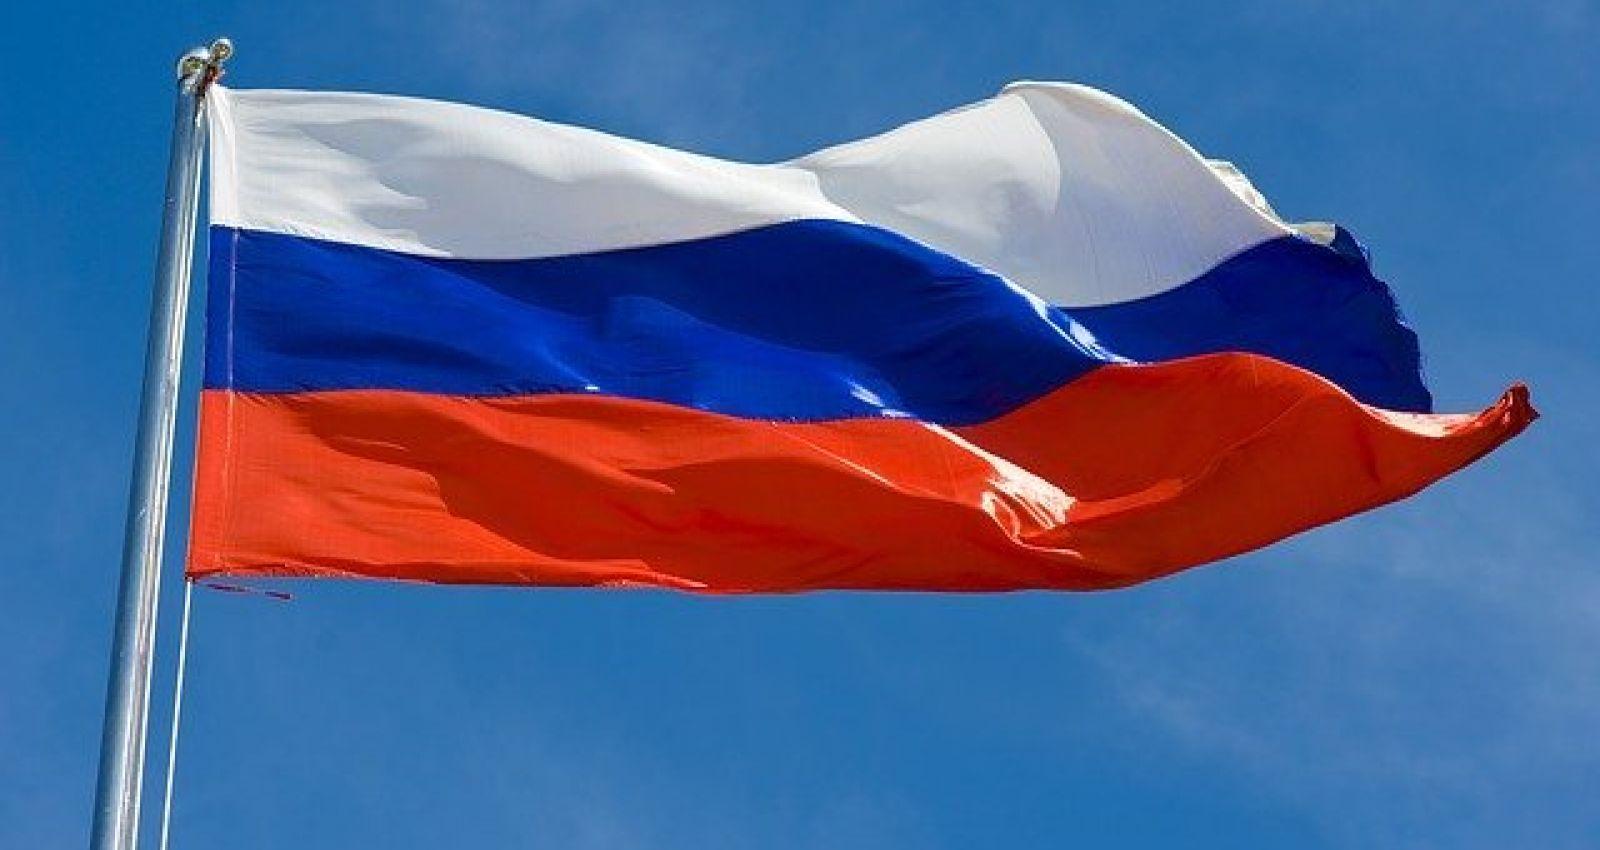 Более 500 тысяч жителей Алтайского края приняли участие в Общероссийском голосование по поправкам в Конституцию